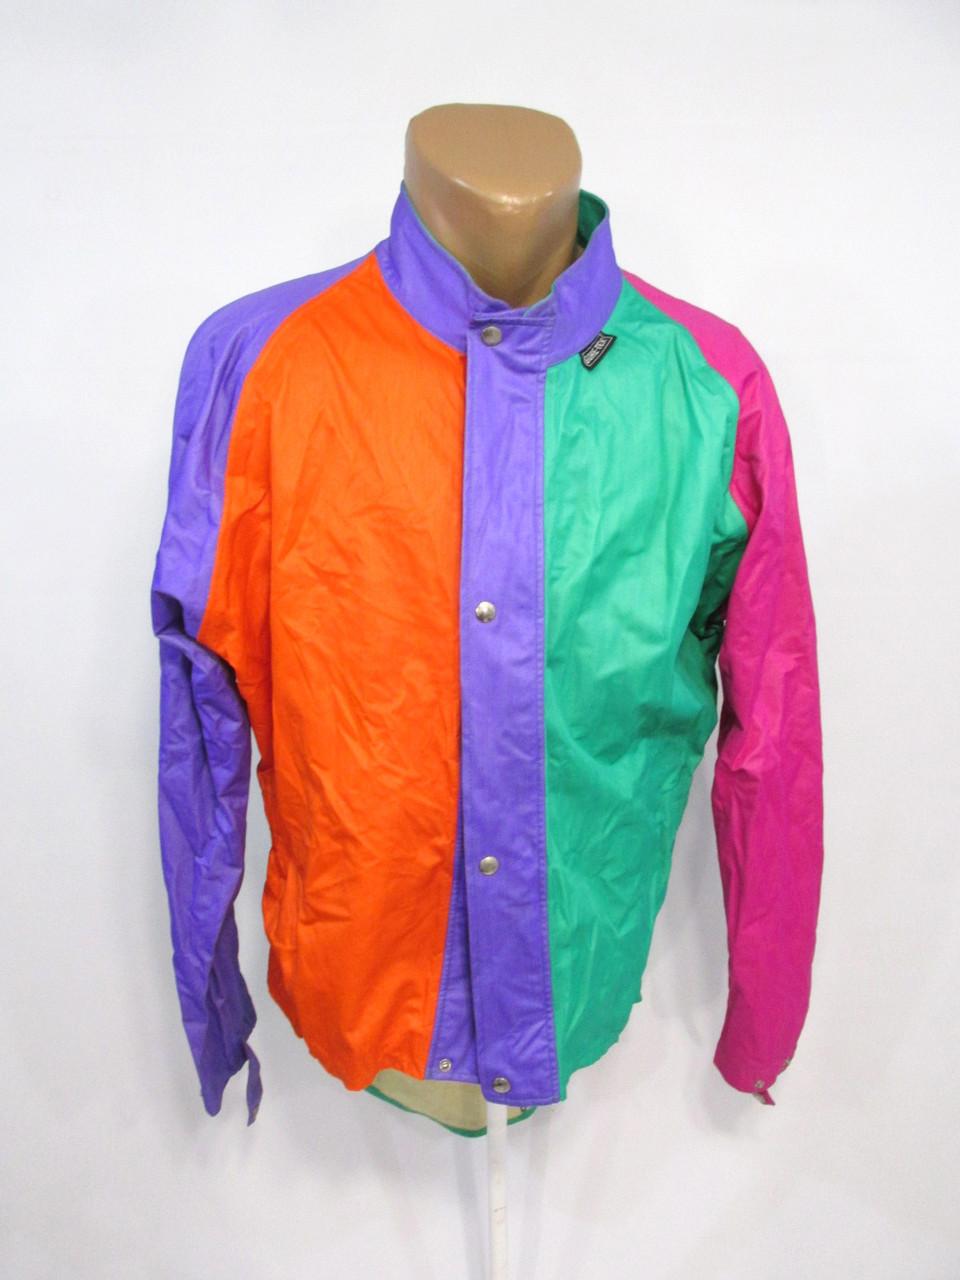 Куртка дождевик Gore Tex, L, Качественная, мембрана, Отл сост!